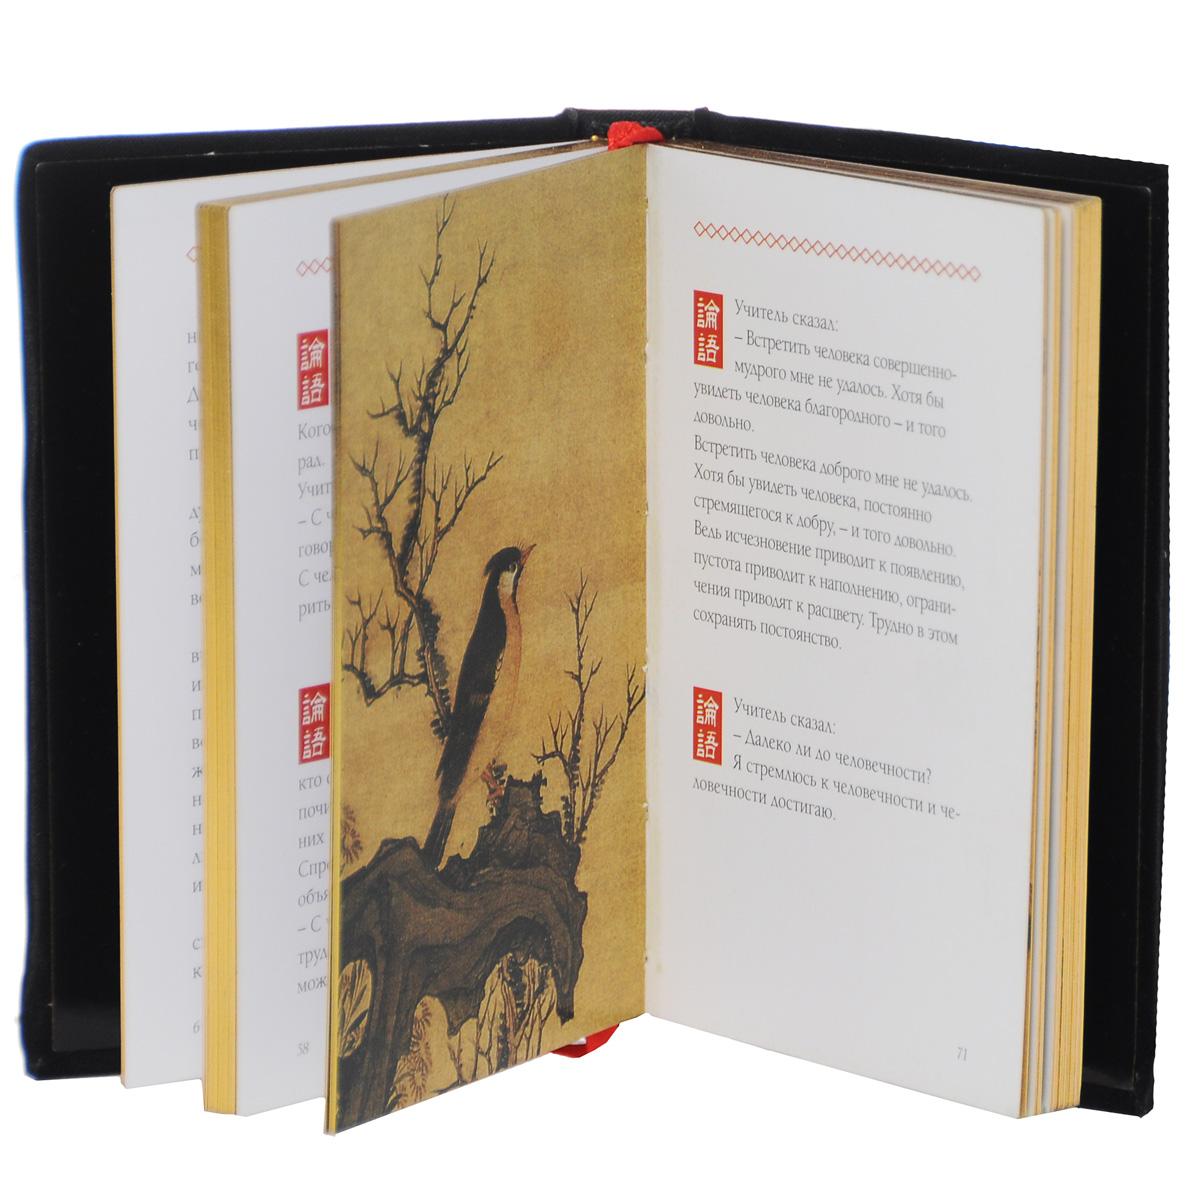 Гармония обретенной добродетели (подарочный набор), Конфуций